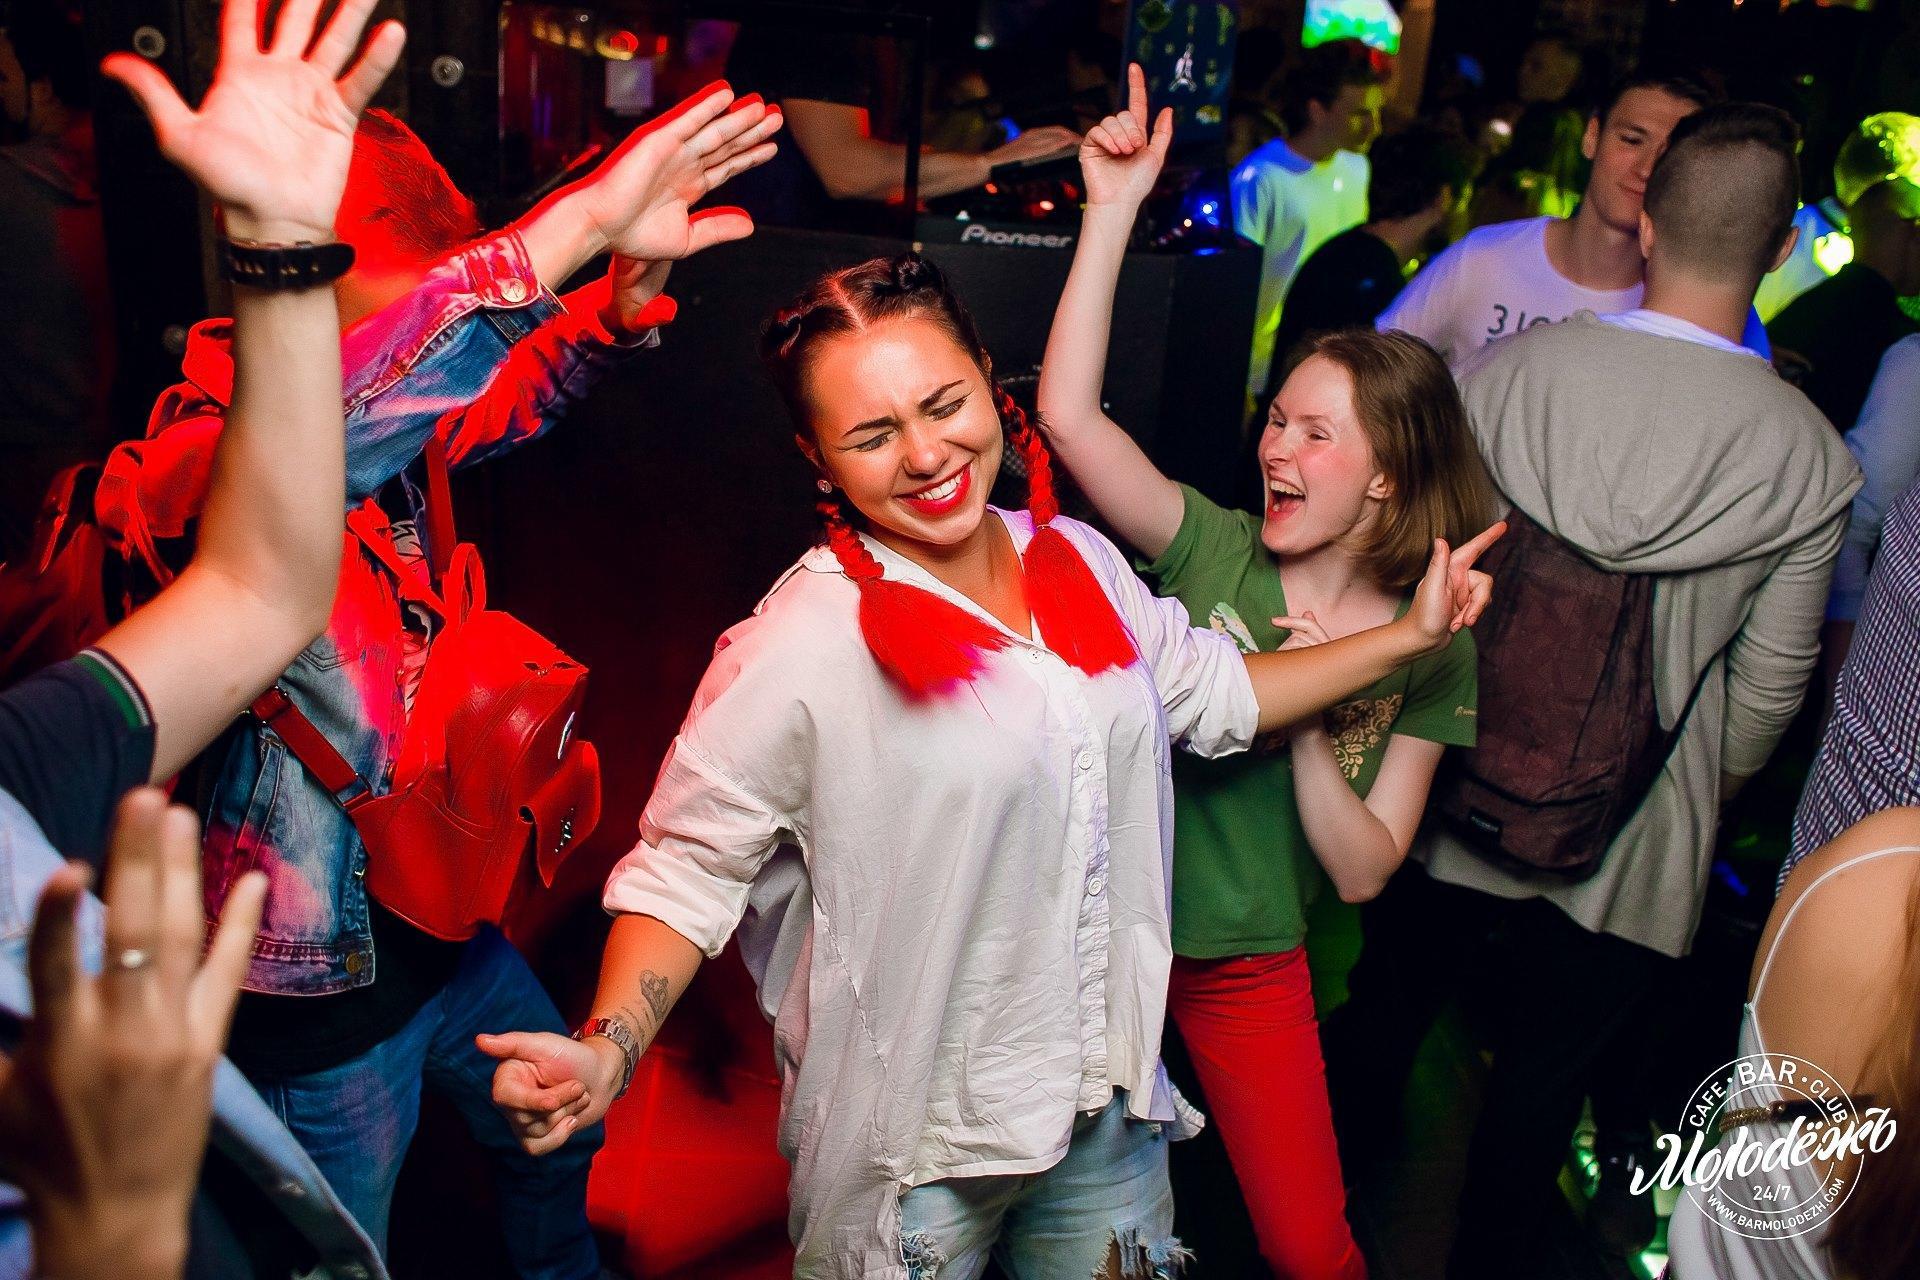 дневные клубы москвы для подростков 14 лет